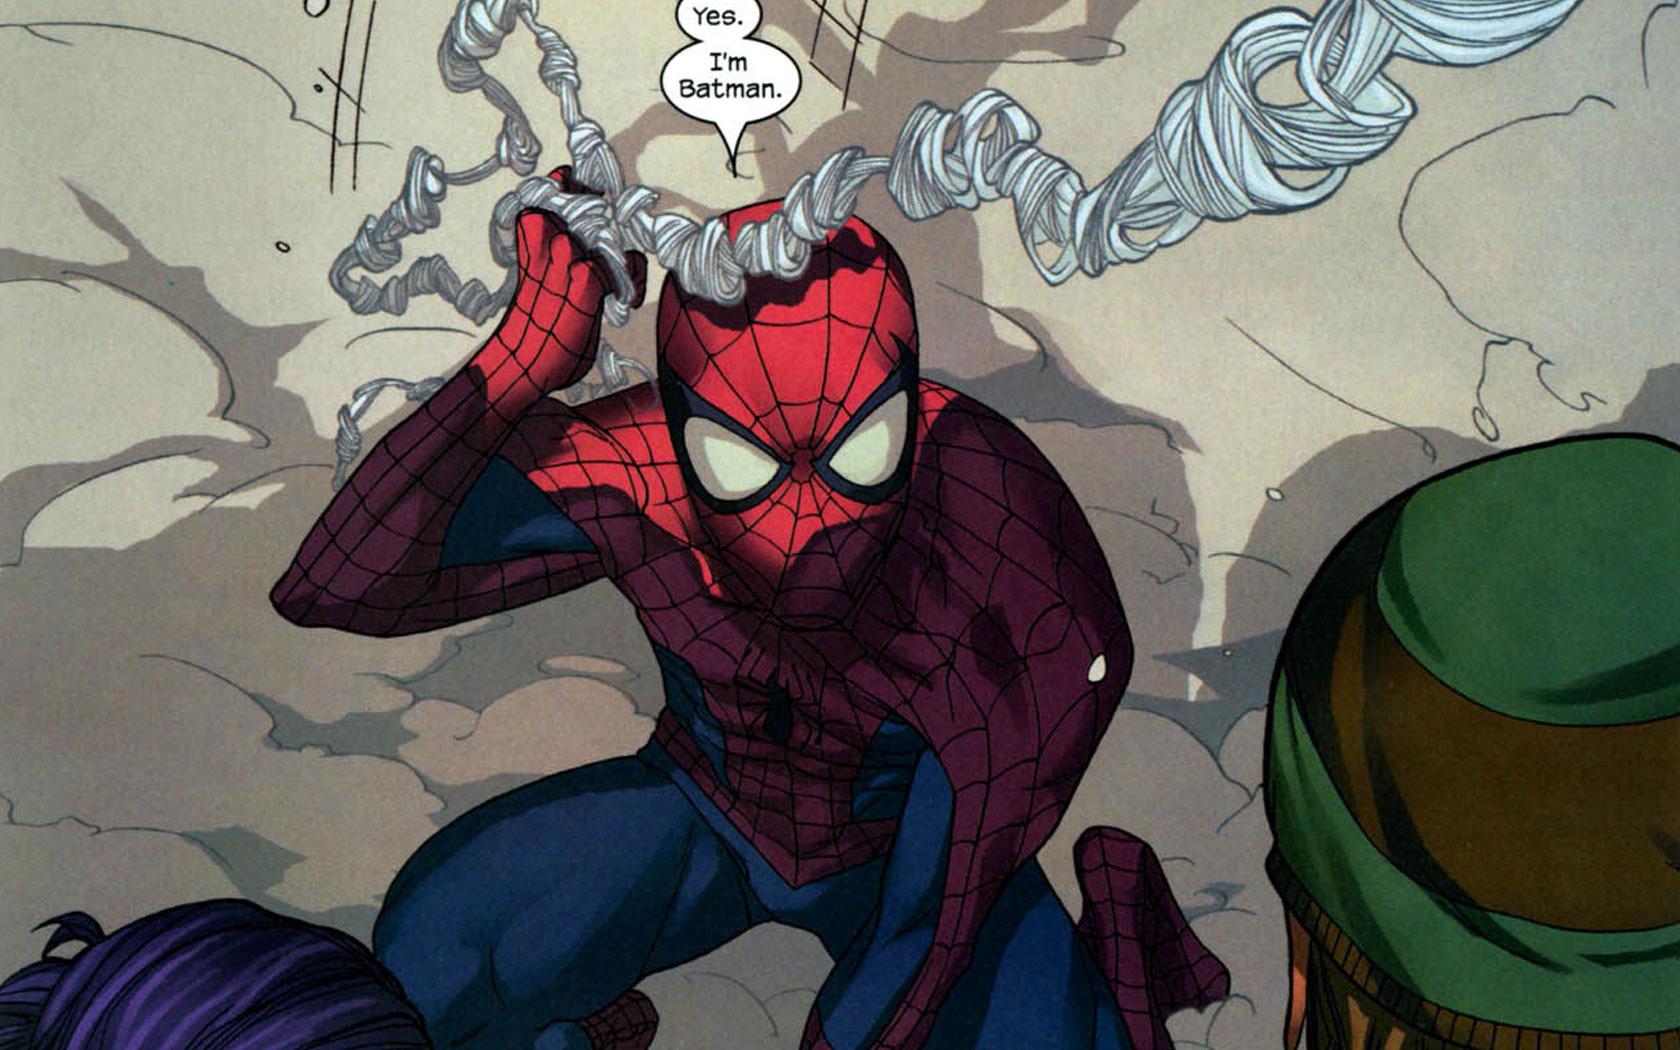 Where to Start Spider-man 1